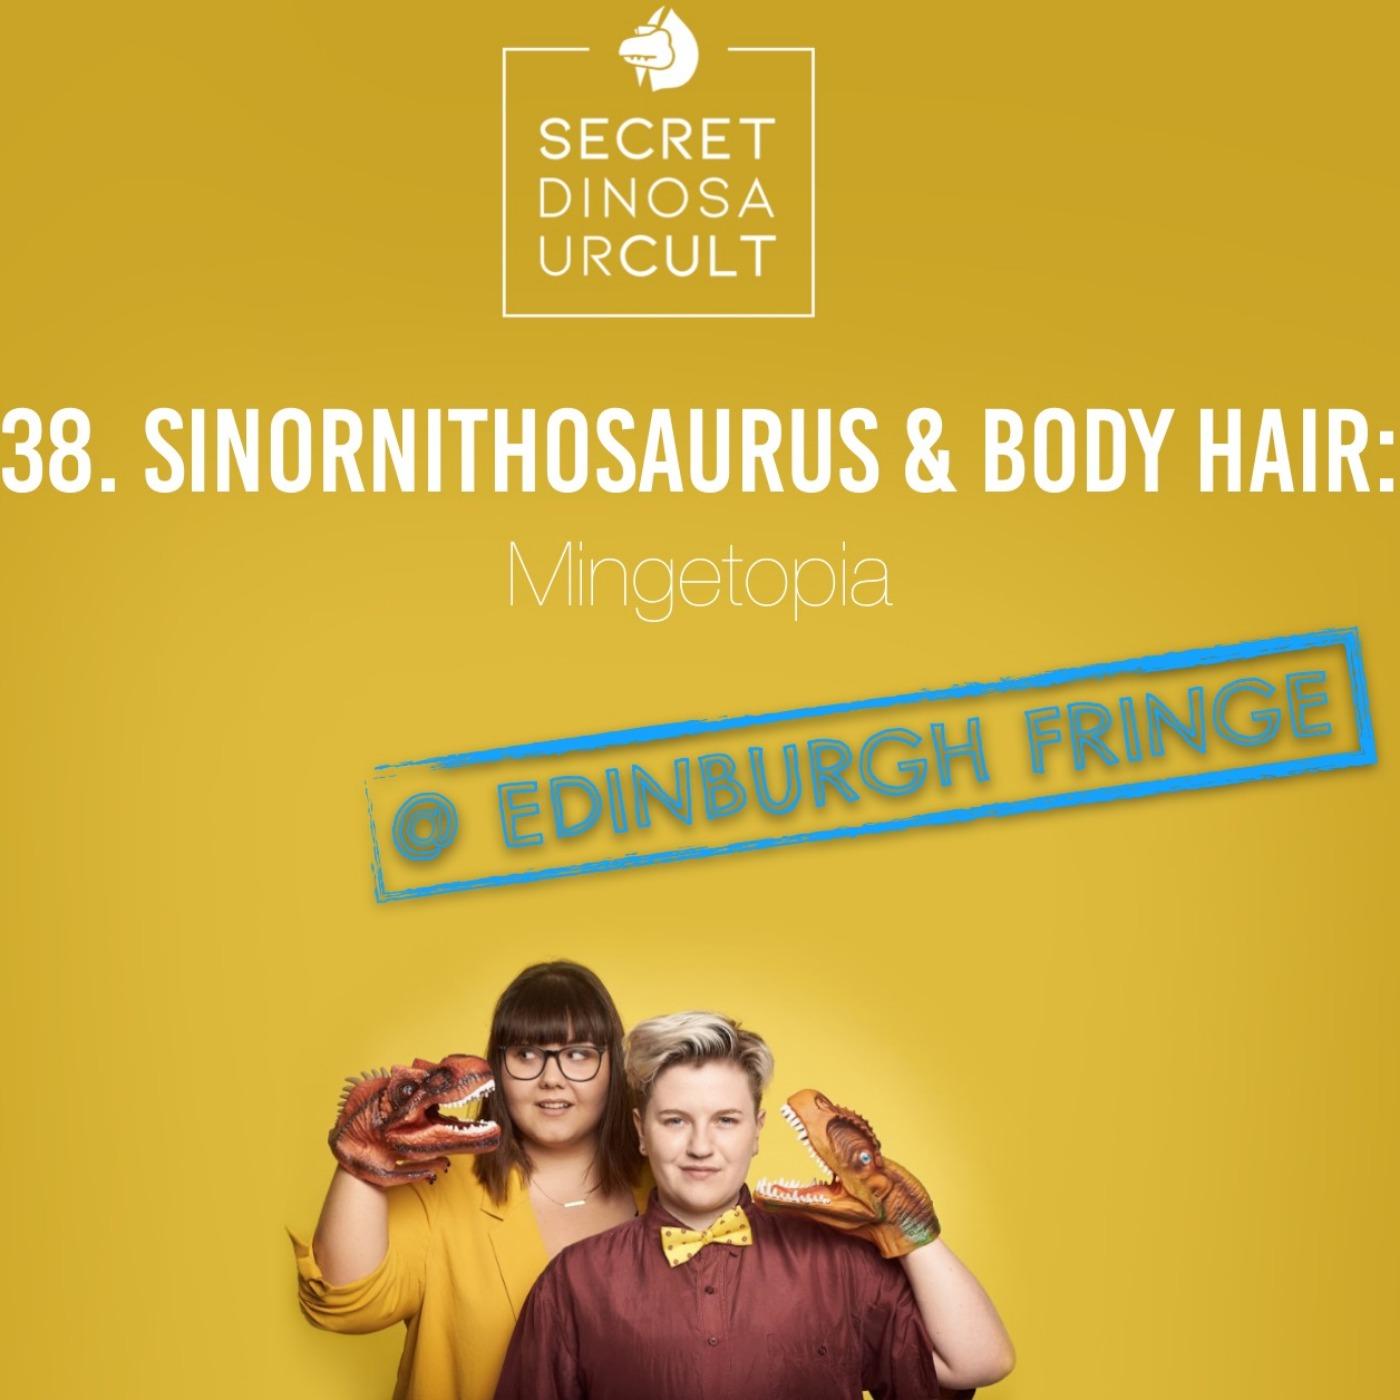 Sinornithosaurus & Body Hair: Mingetopia